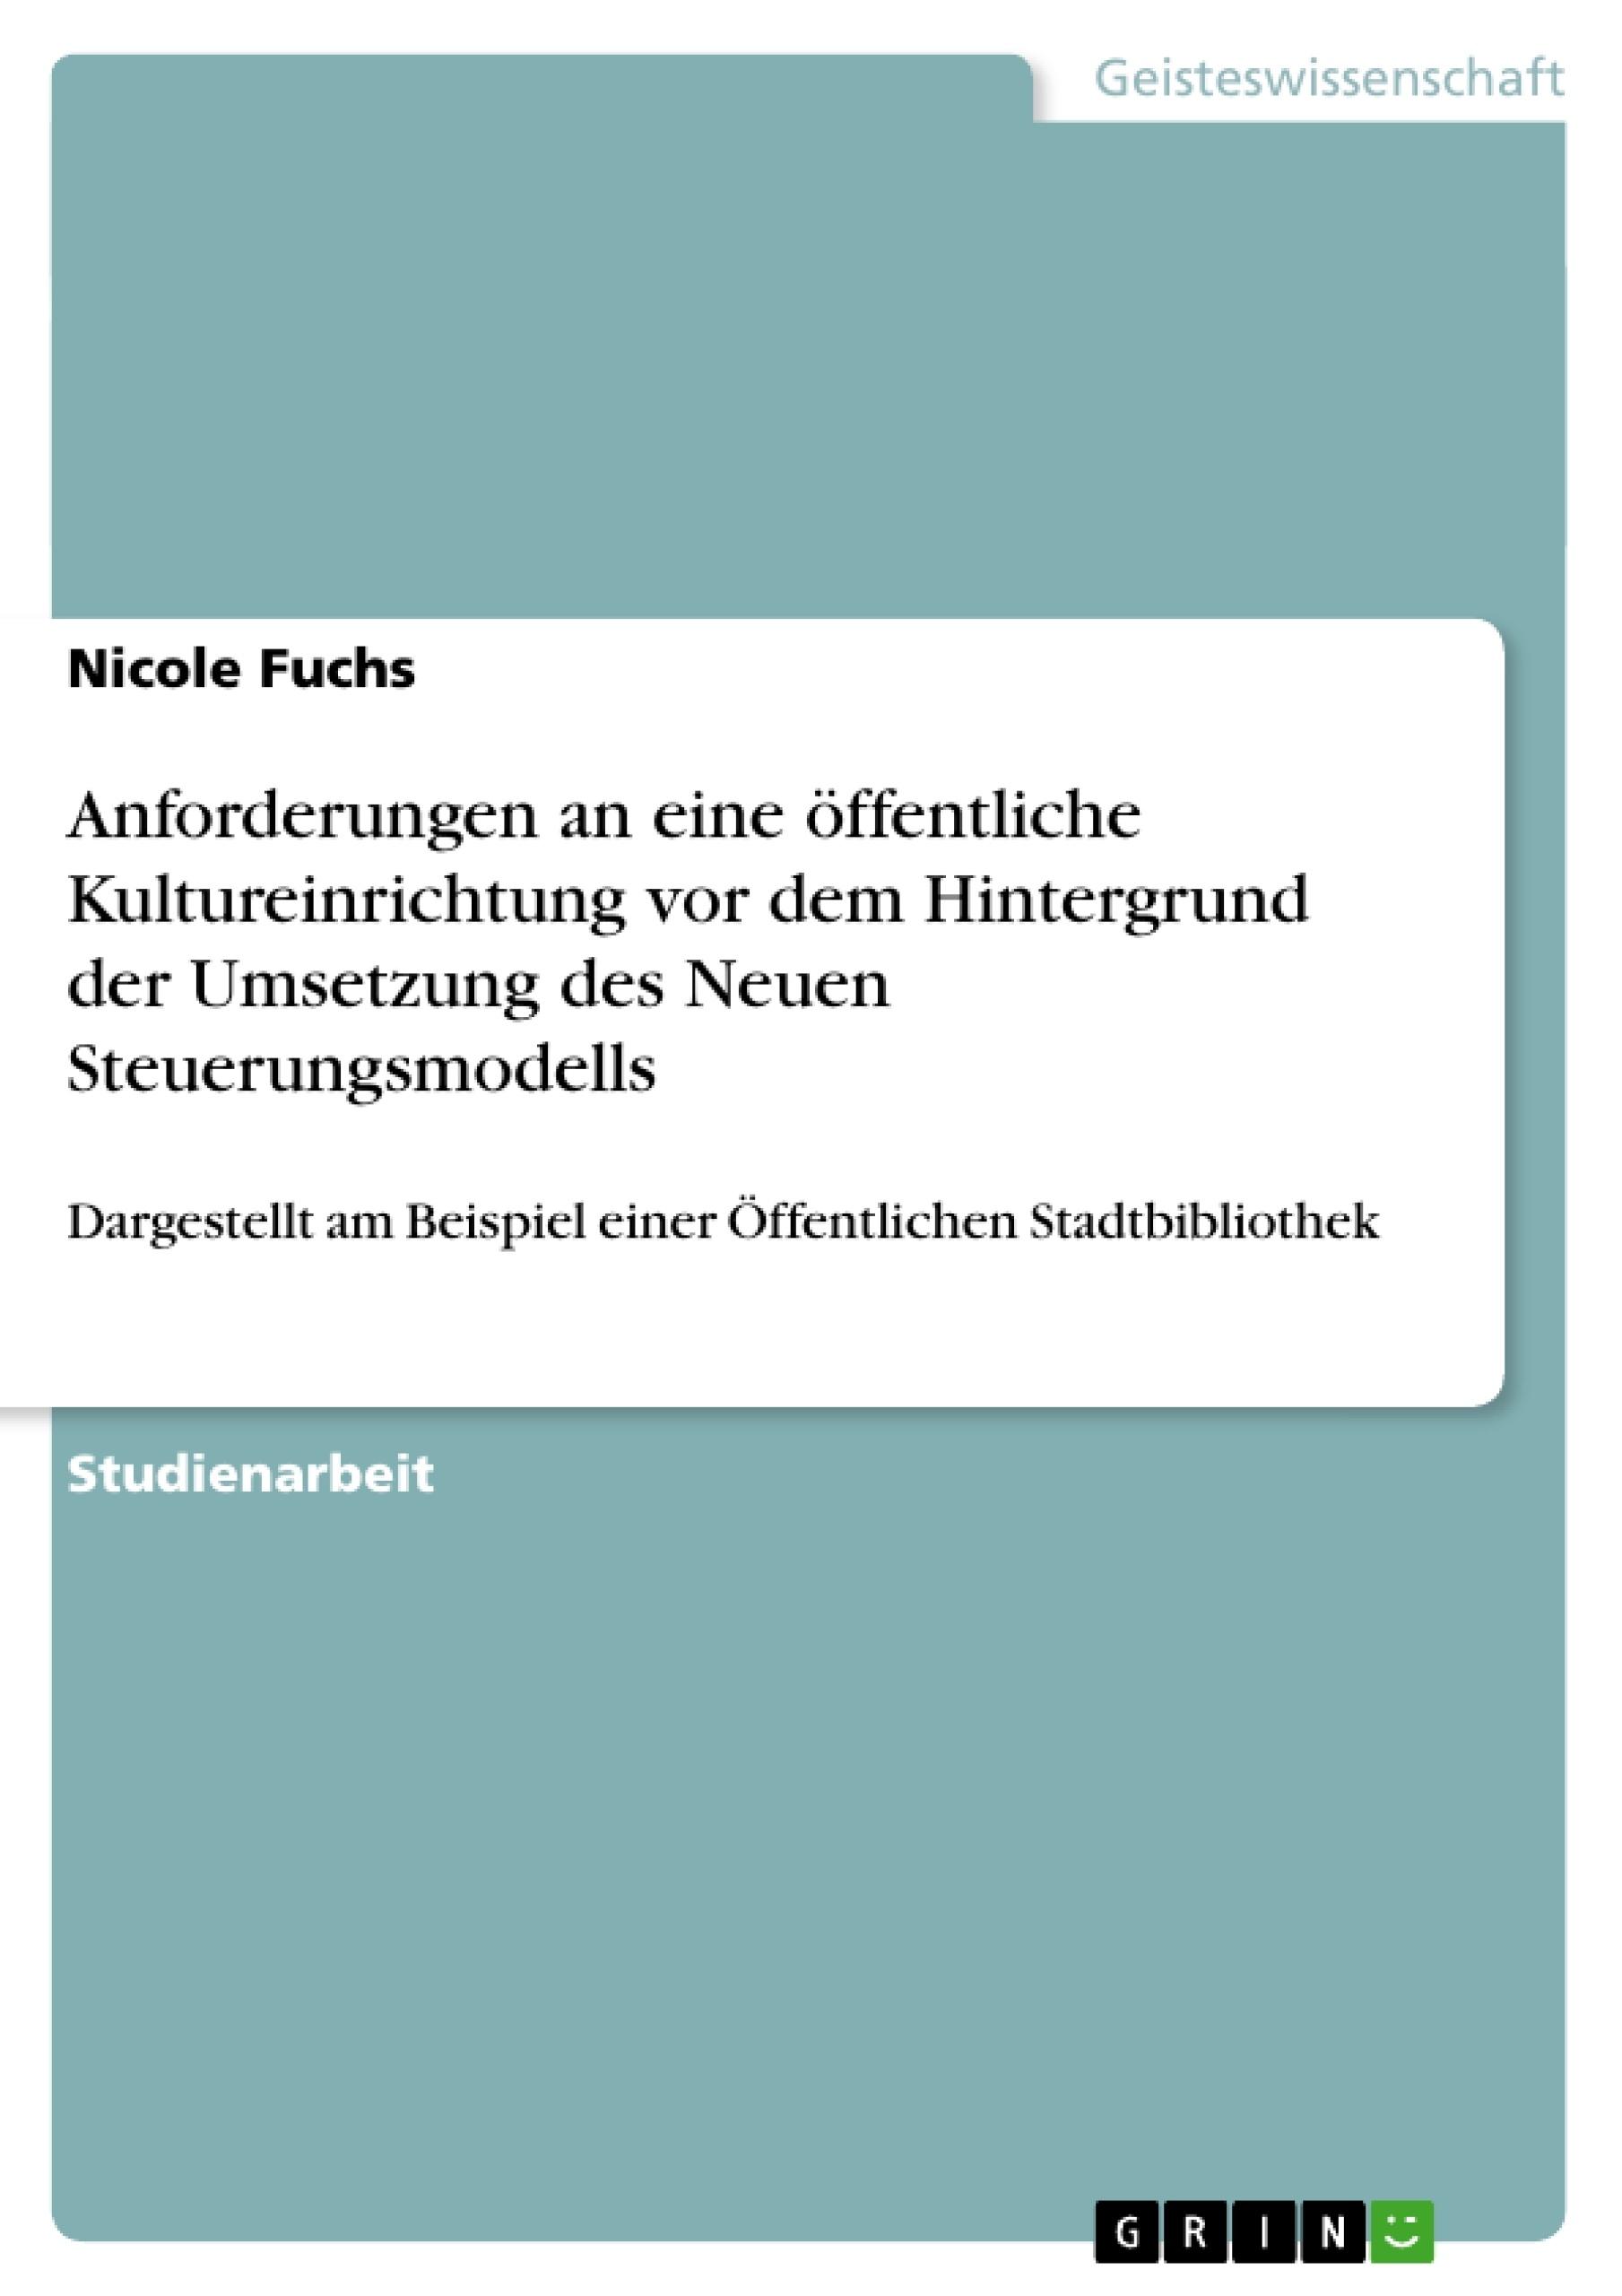 Titel: Anforderungen an eine öffentliche Kultureinrichtung vor dem Hintergrund der Umsetzung des Neuen Steuerungsmodells